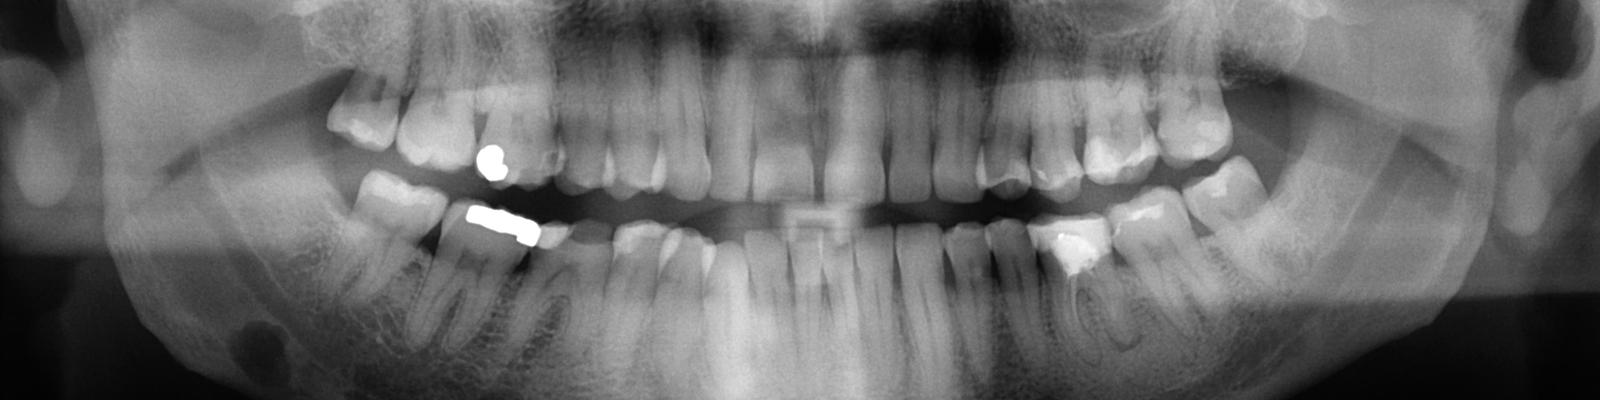 Ortopantomografía - Pruebas diagnósticas